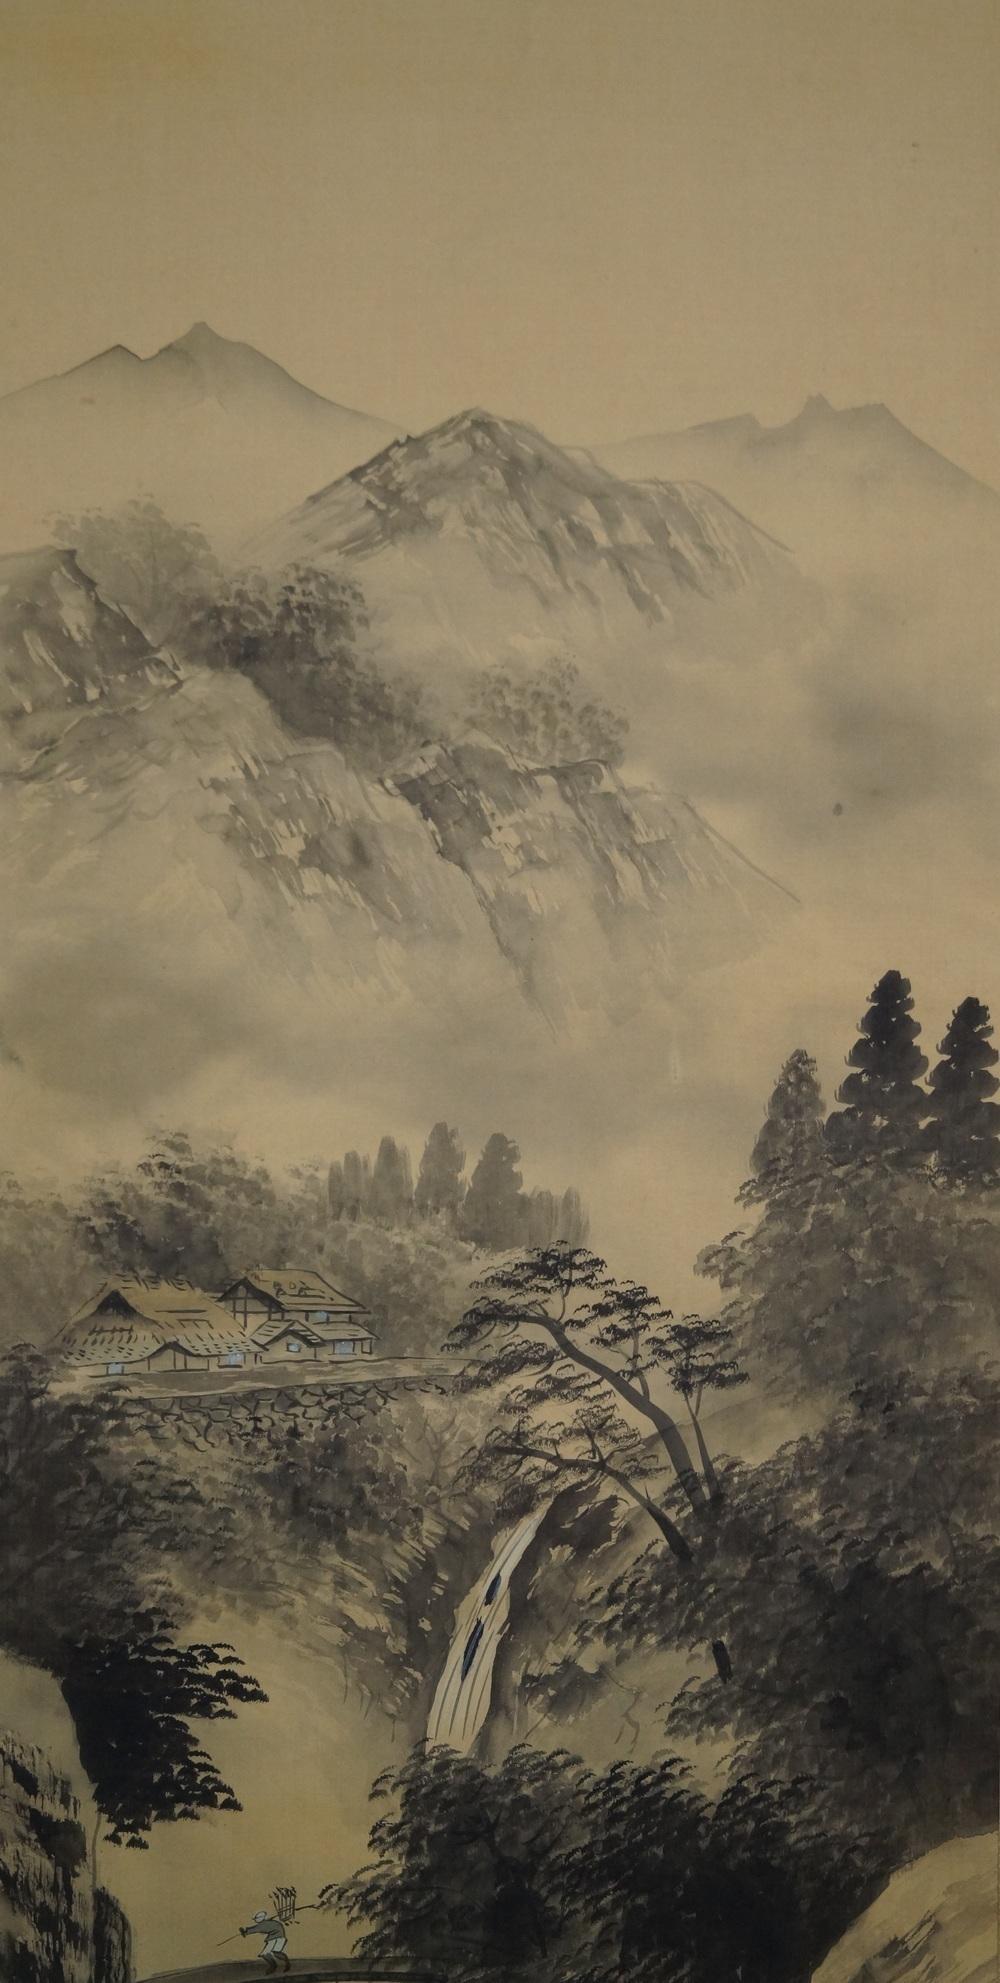 Fluss und Berge - Japanisches Rollgemälde (Kakejiku)